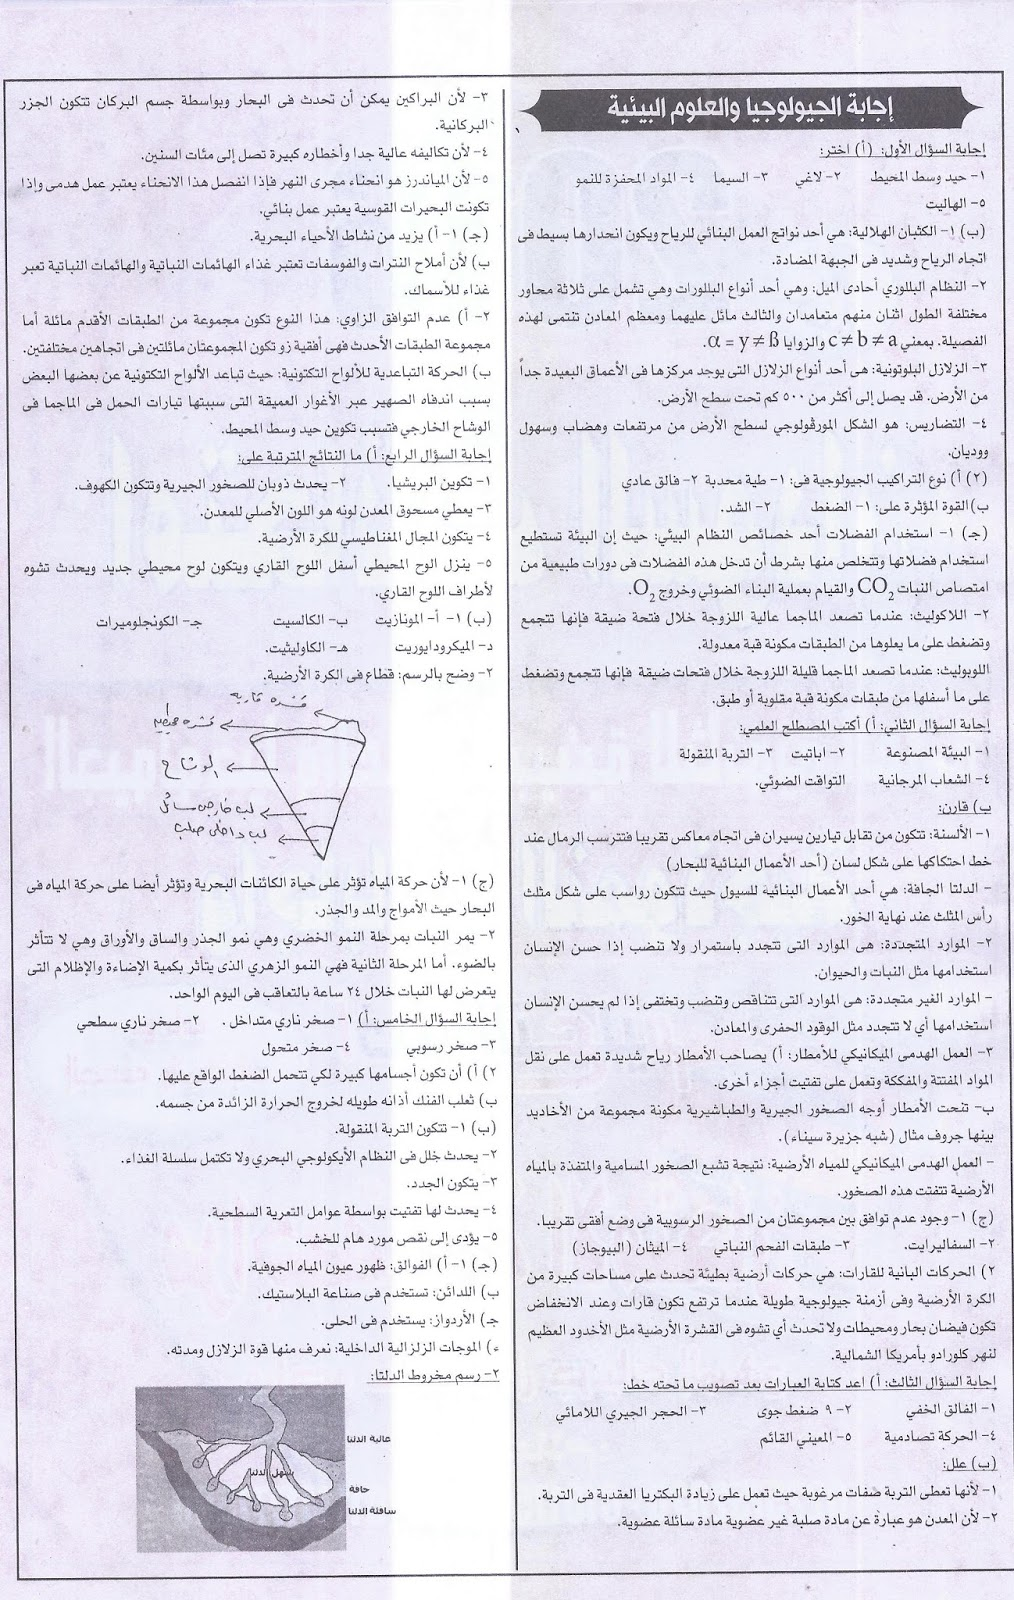 """امتحان 2016 فى الجيولوجيا والعلوم البيئية للثانوية العامة بـ""""السودان"""" + نموذج الاجابة 6"""